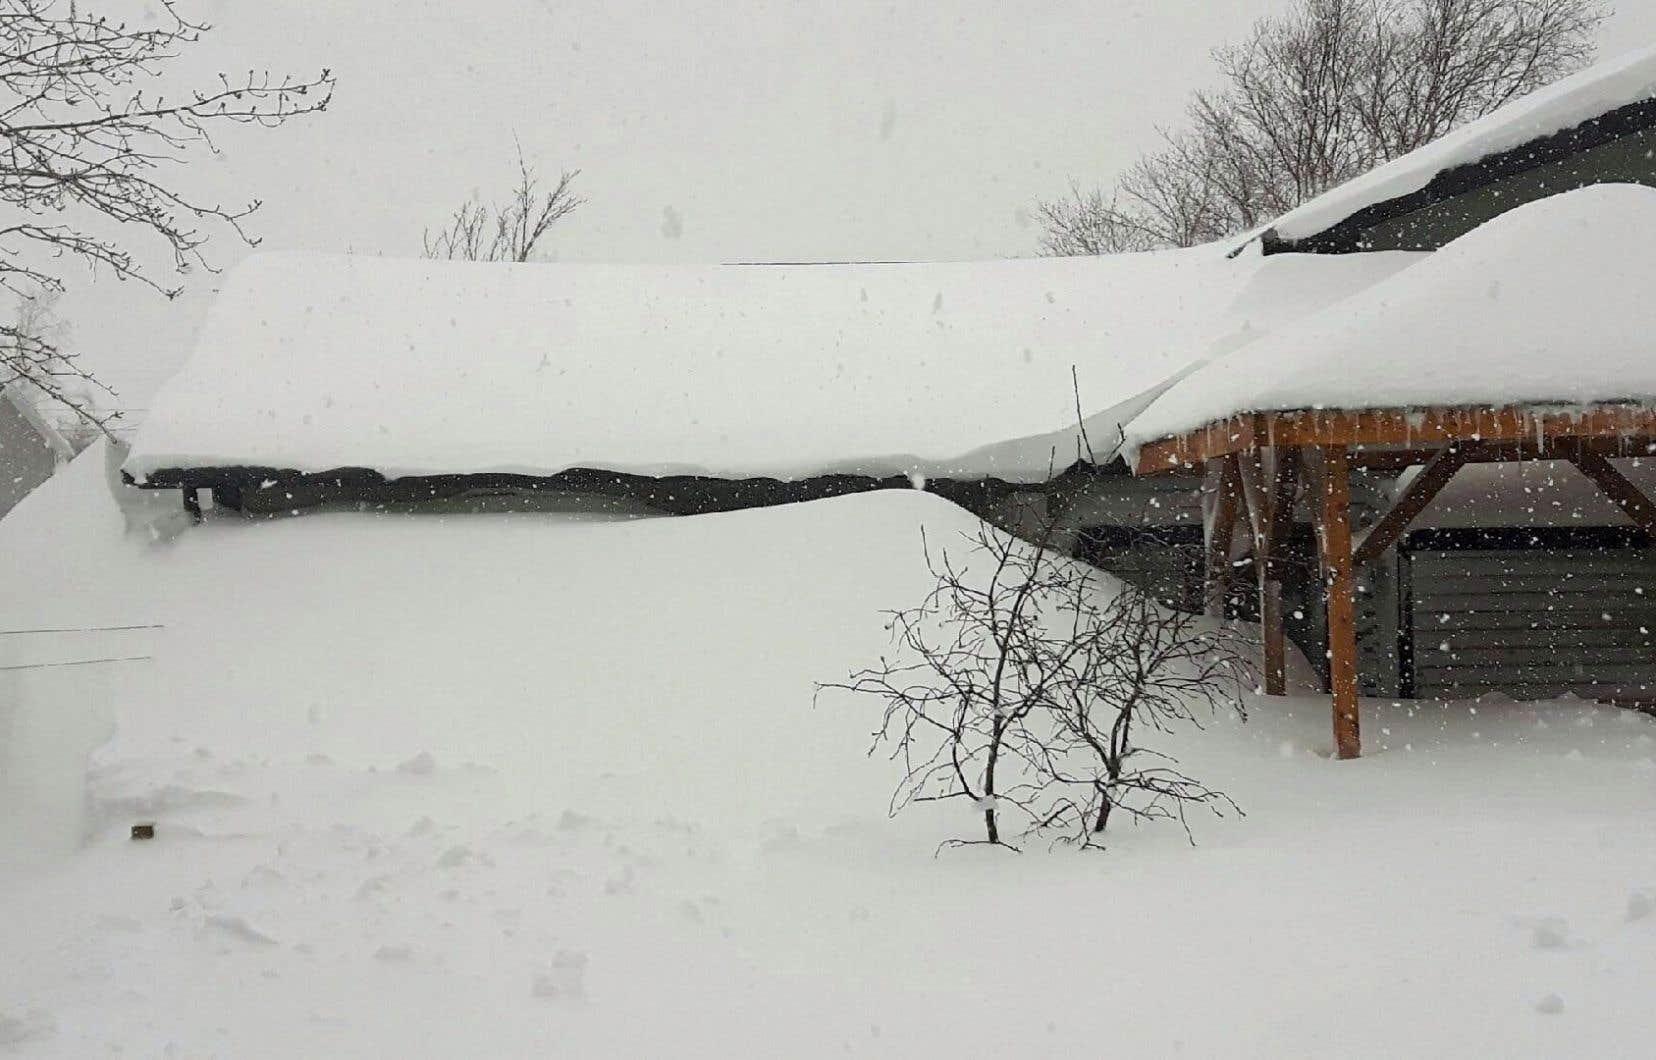 <p>À Gander, une maison est ensevelie sous la neige.</p>